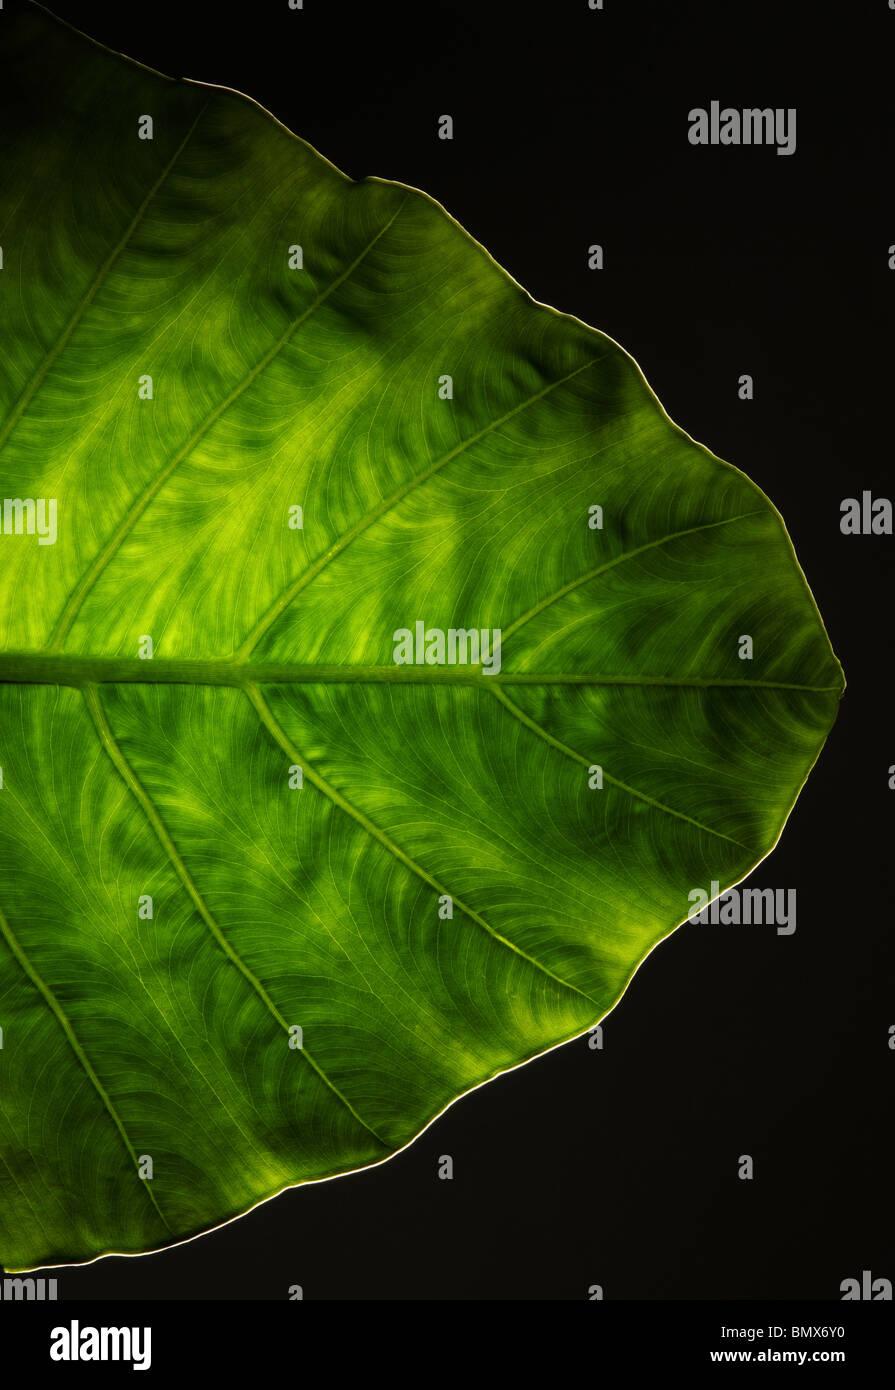 La fin d'une plante verte feuille, fond noir Photo Stock